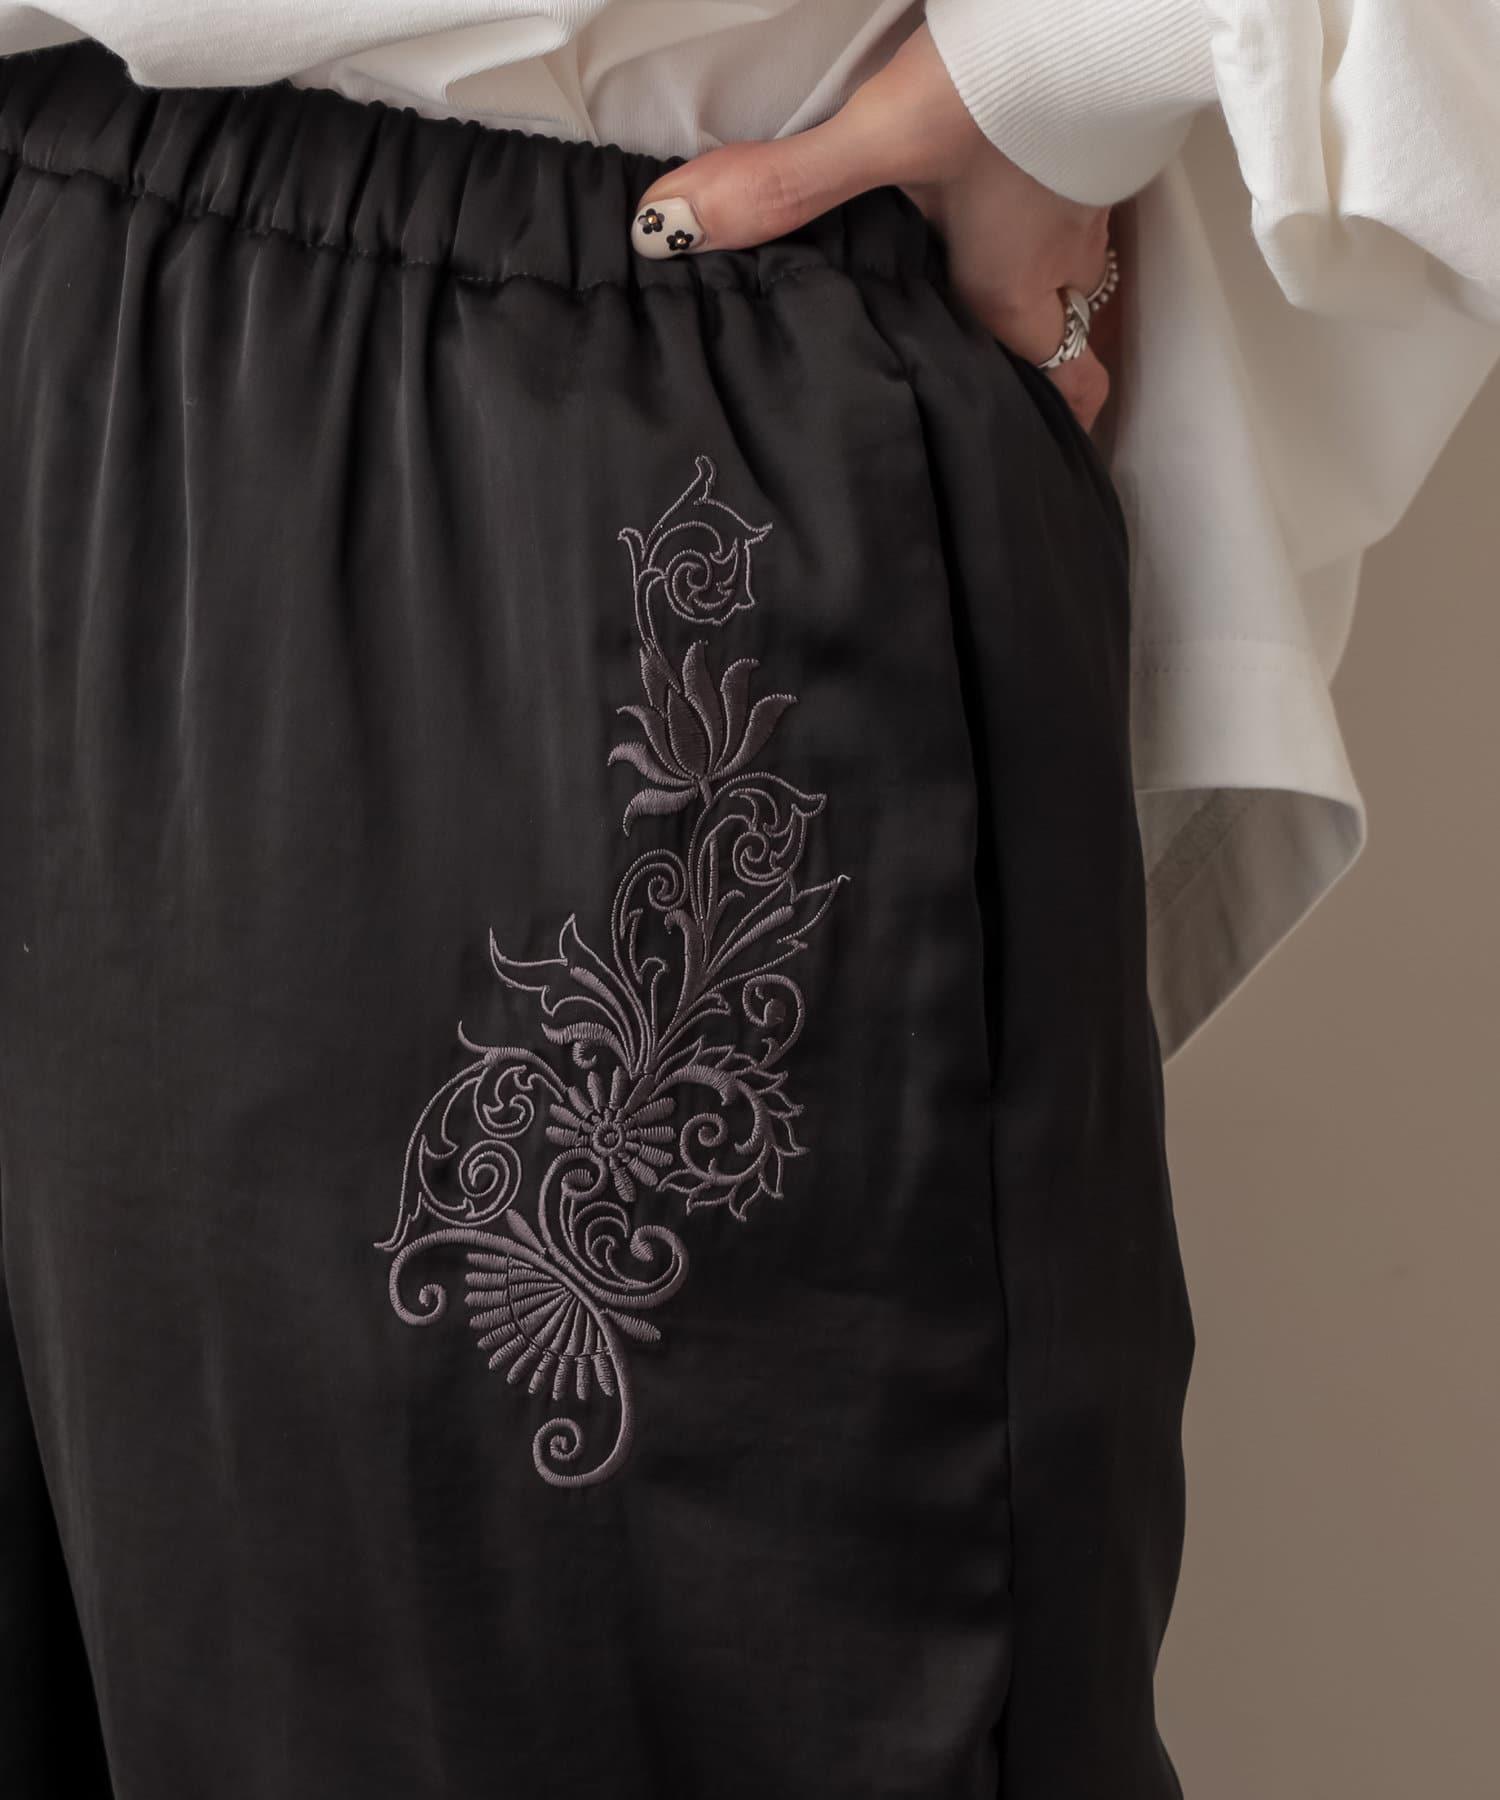 NICE CLAUP OUTLET(ナイスクラップ アウトレット) 刺繍サテンパンツ